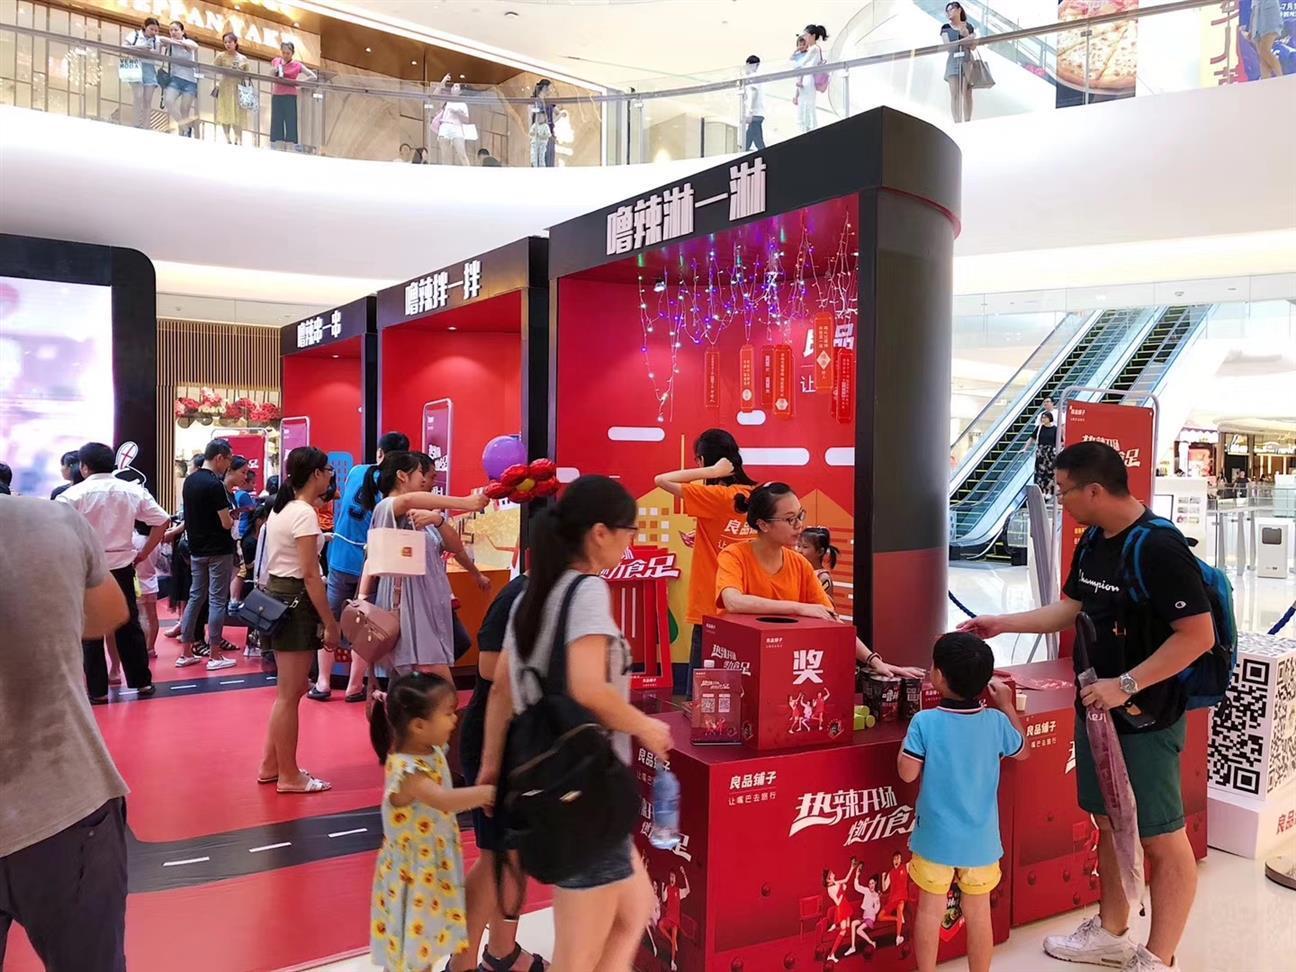 深圳背景板商业空间布置装饰展示公司